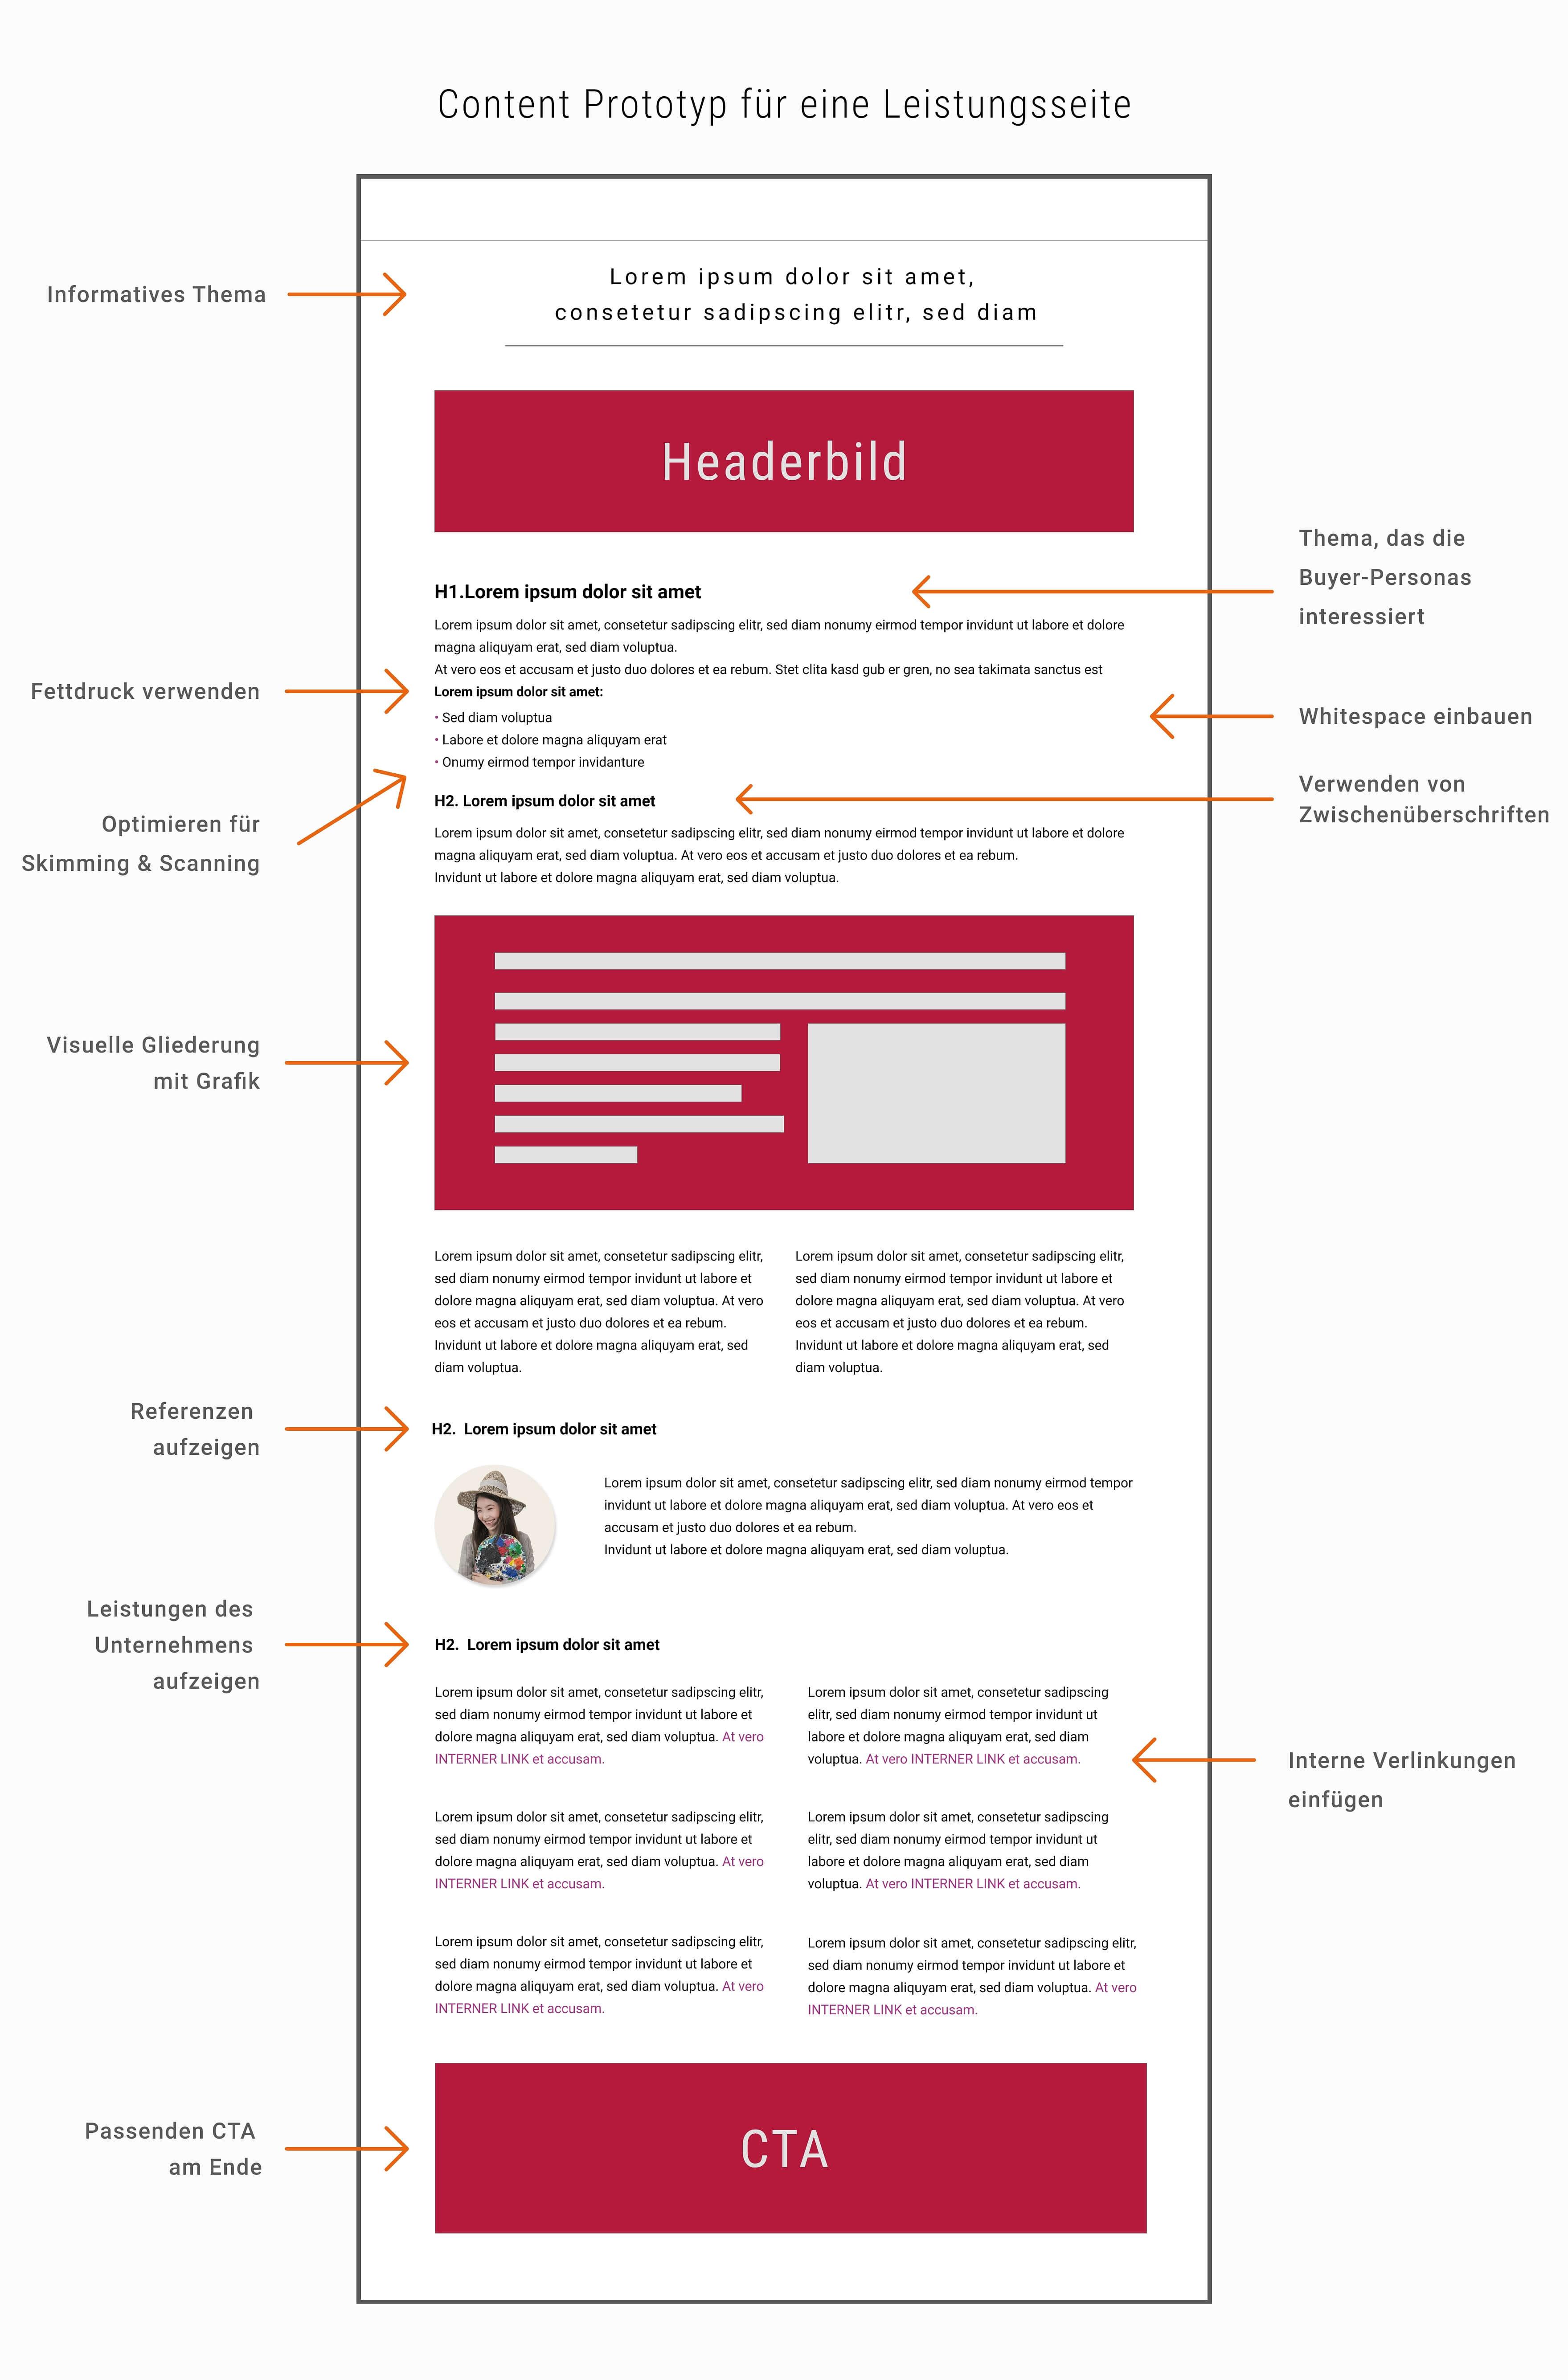 Mustervorlage eines Content Prototypen für eine Leistungsseite